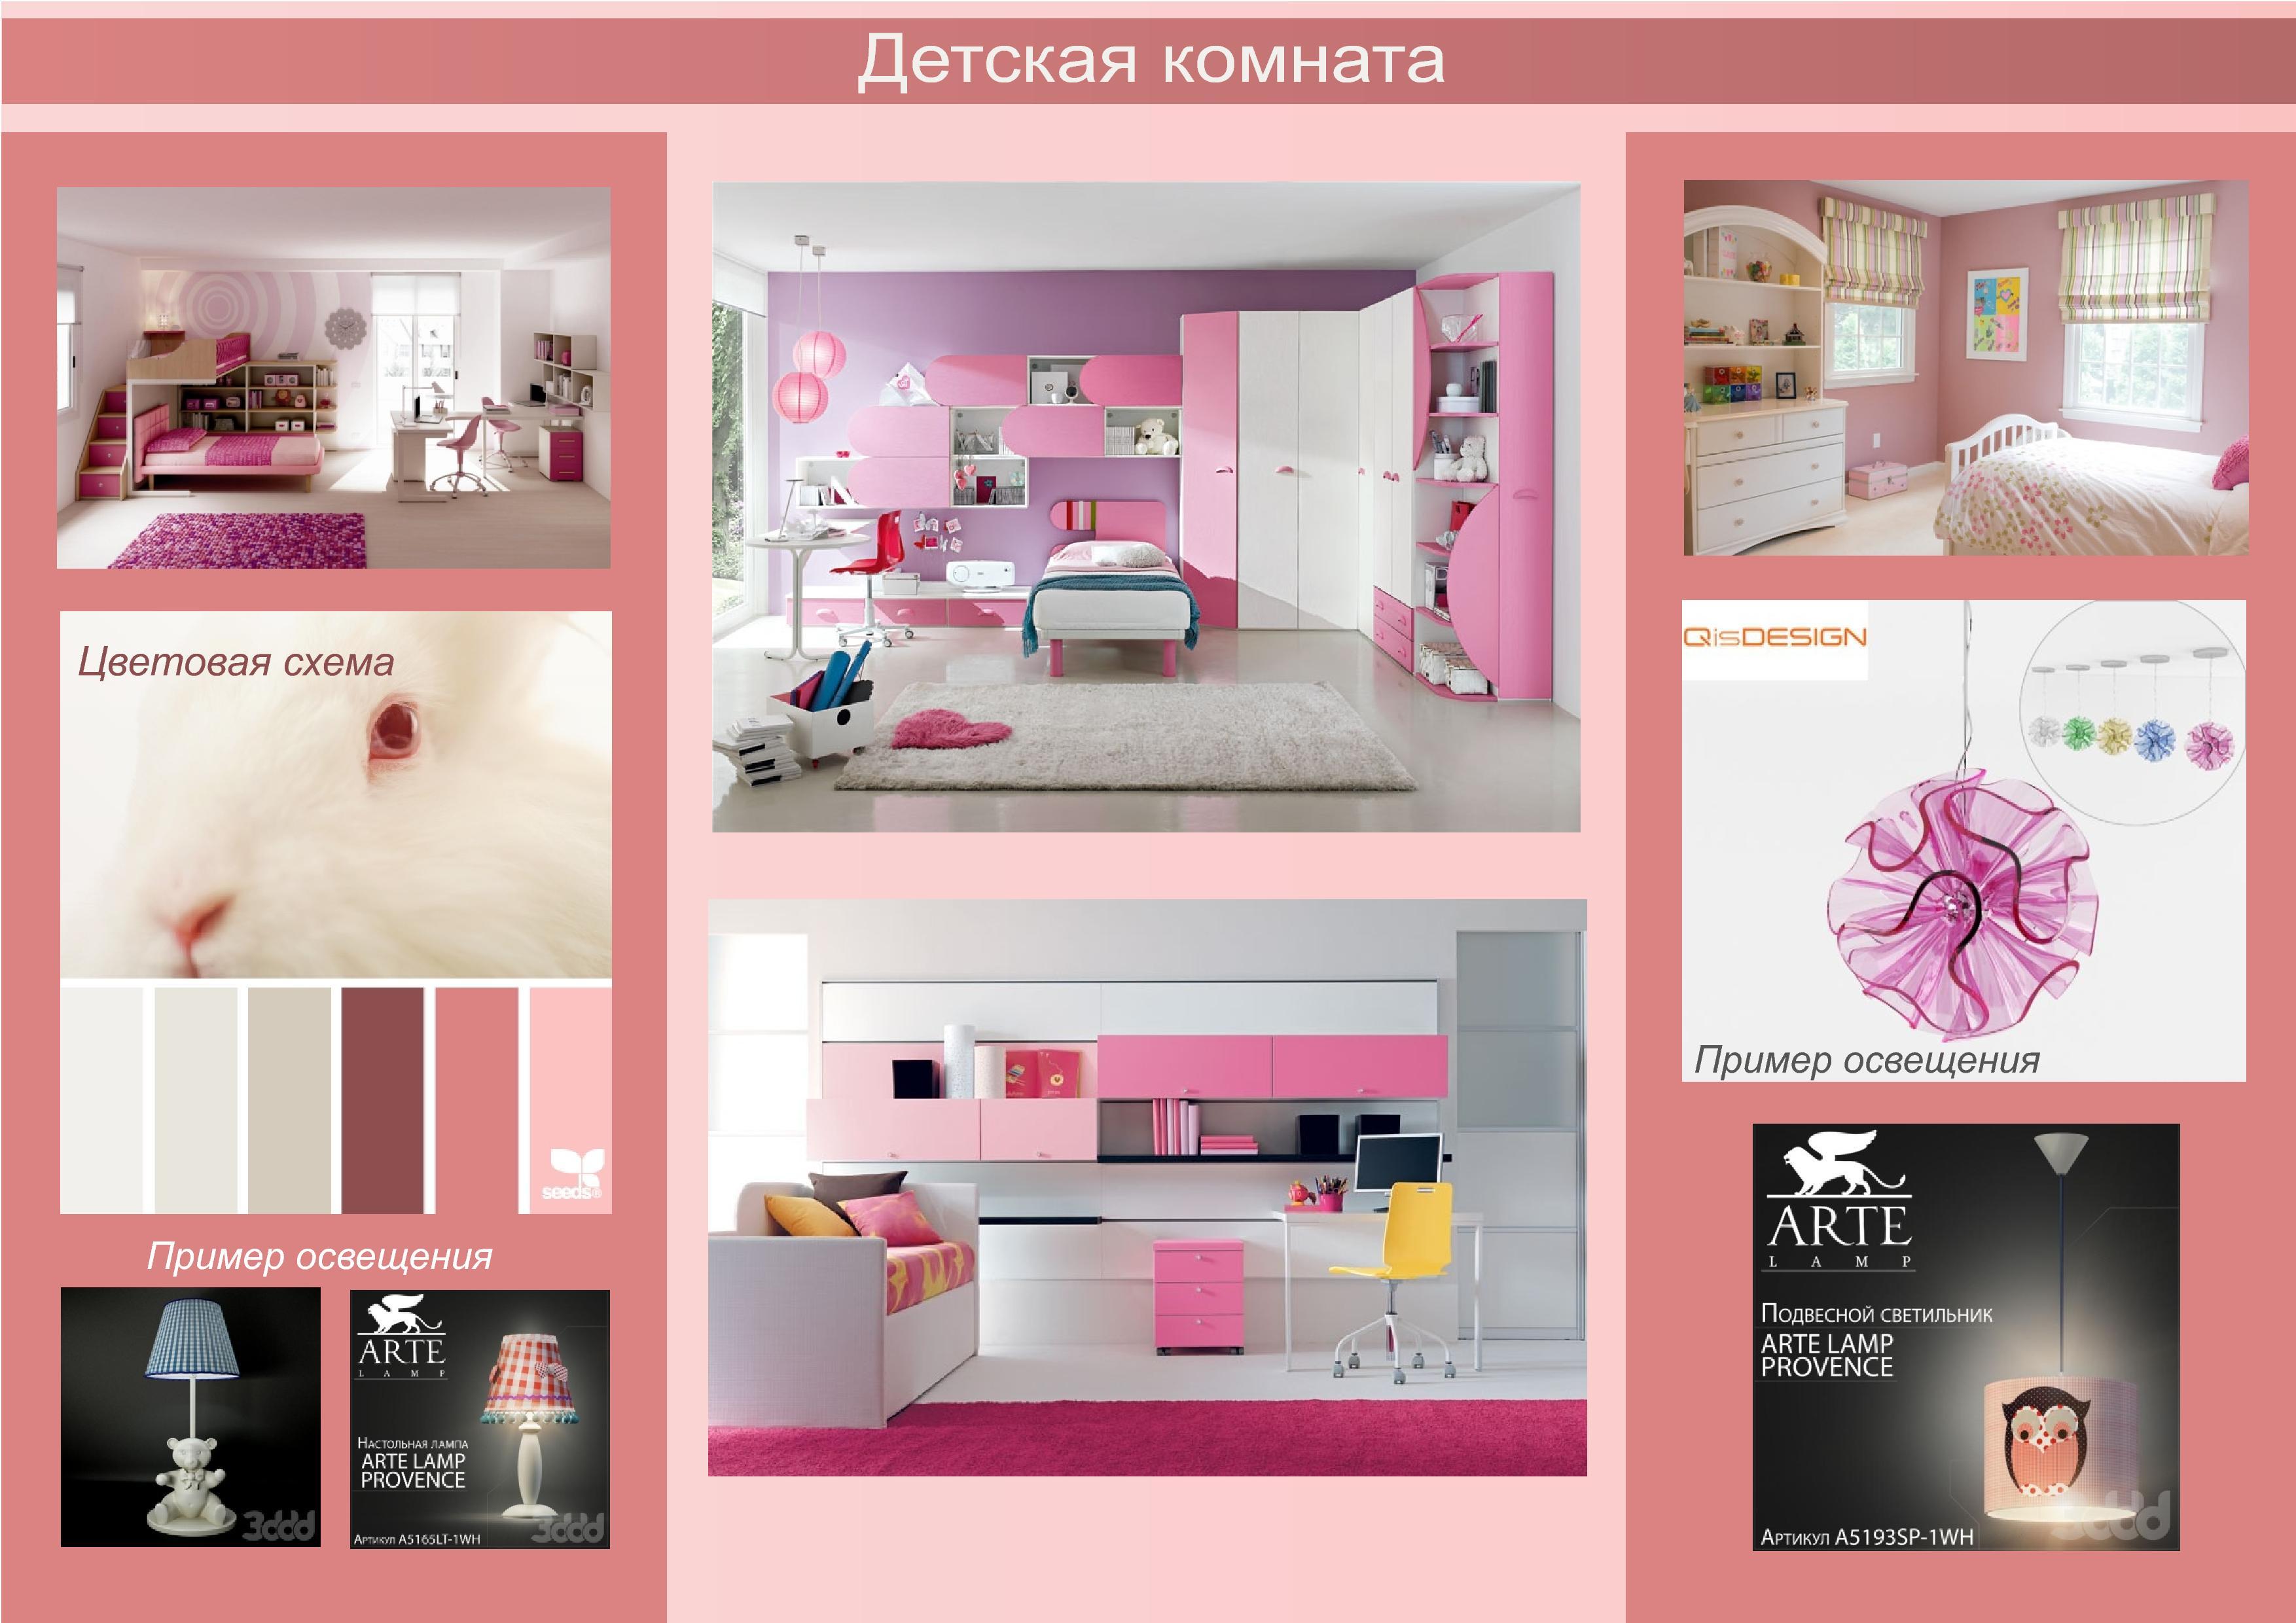 Как сделать проект комнаты в фотошопе